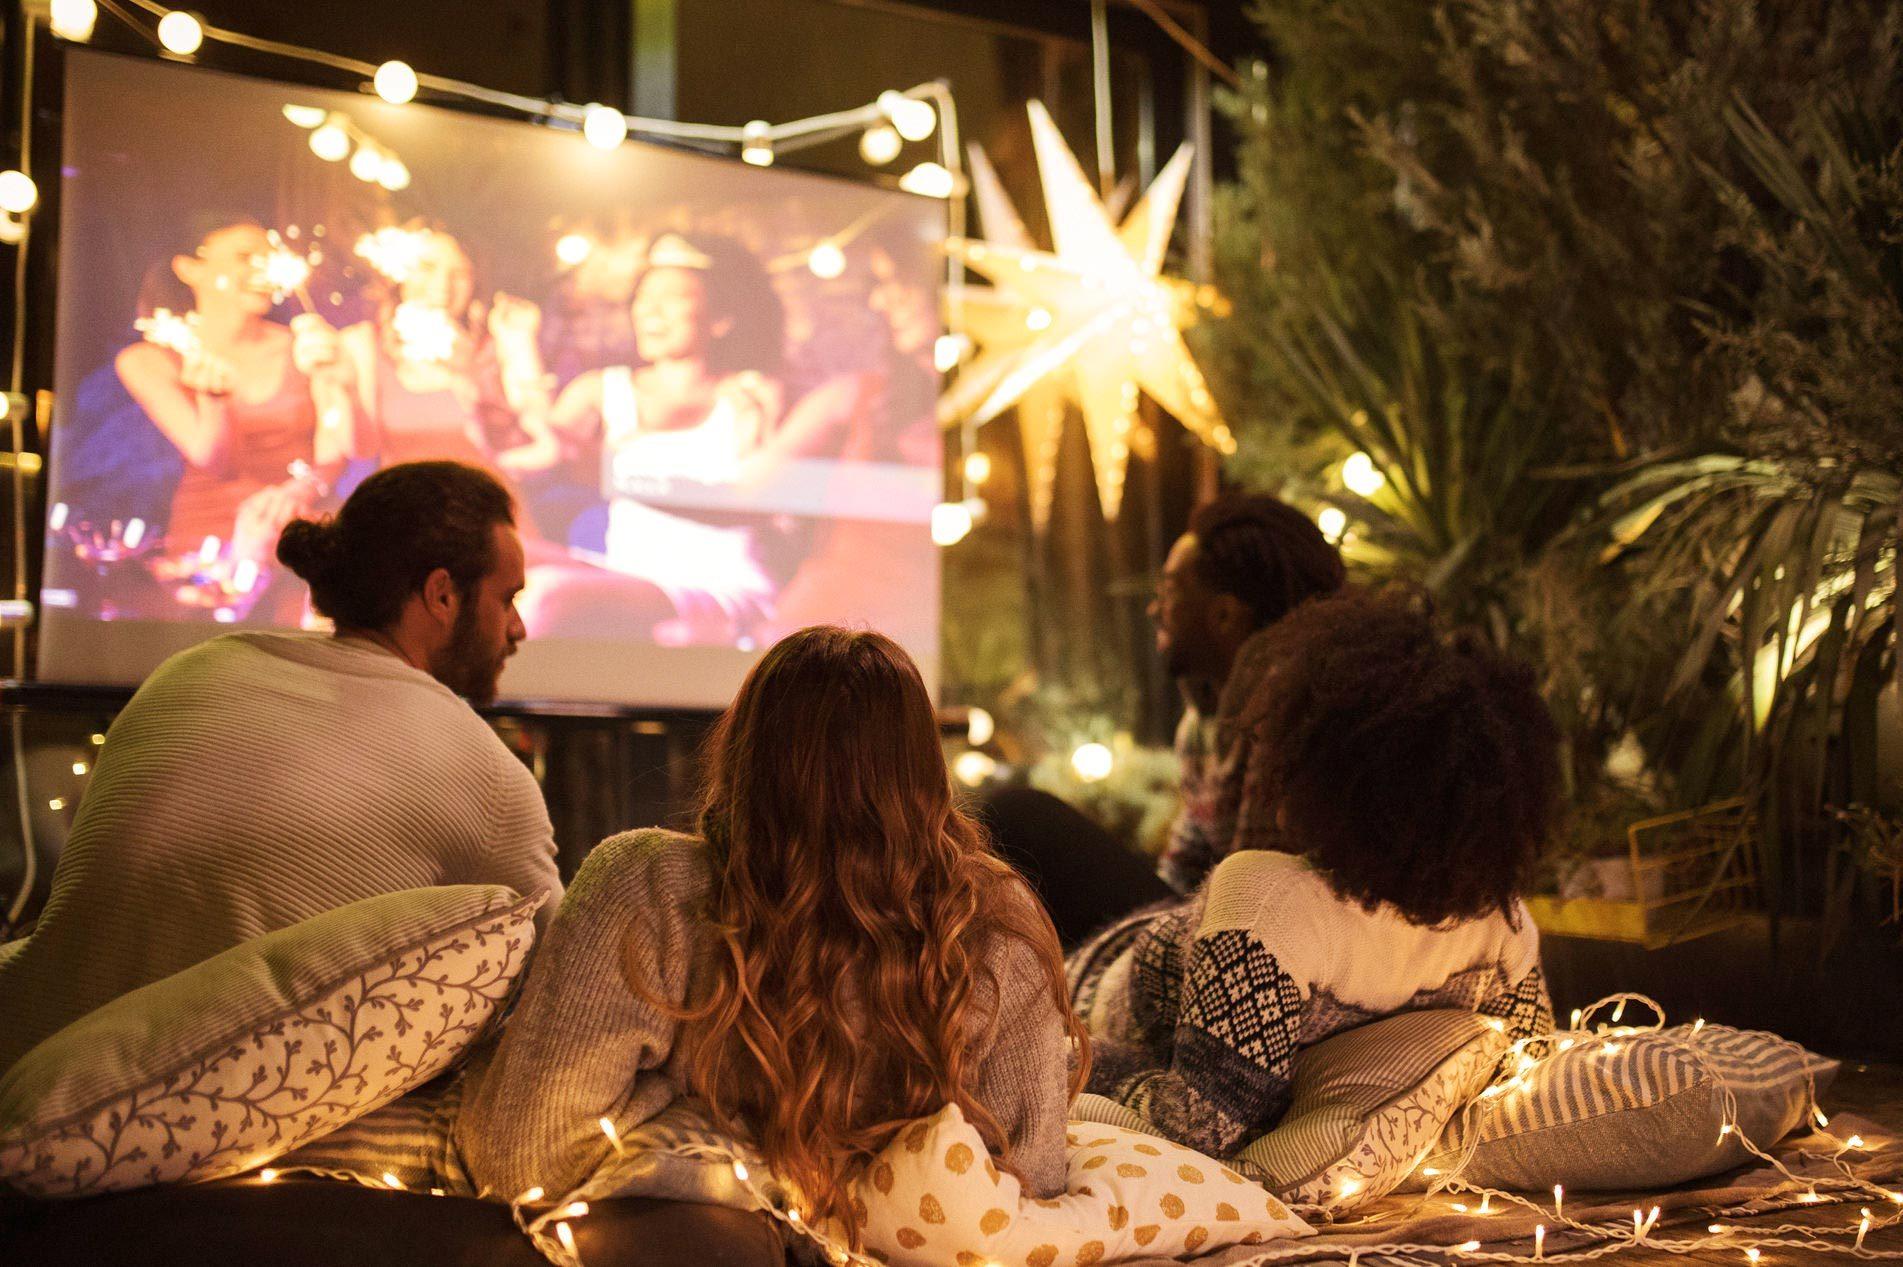 Movie night at back yard